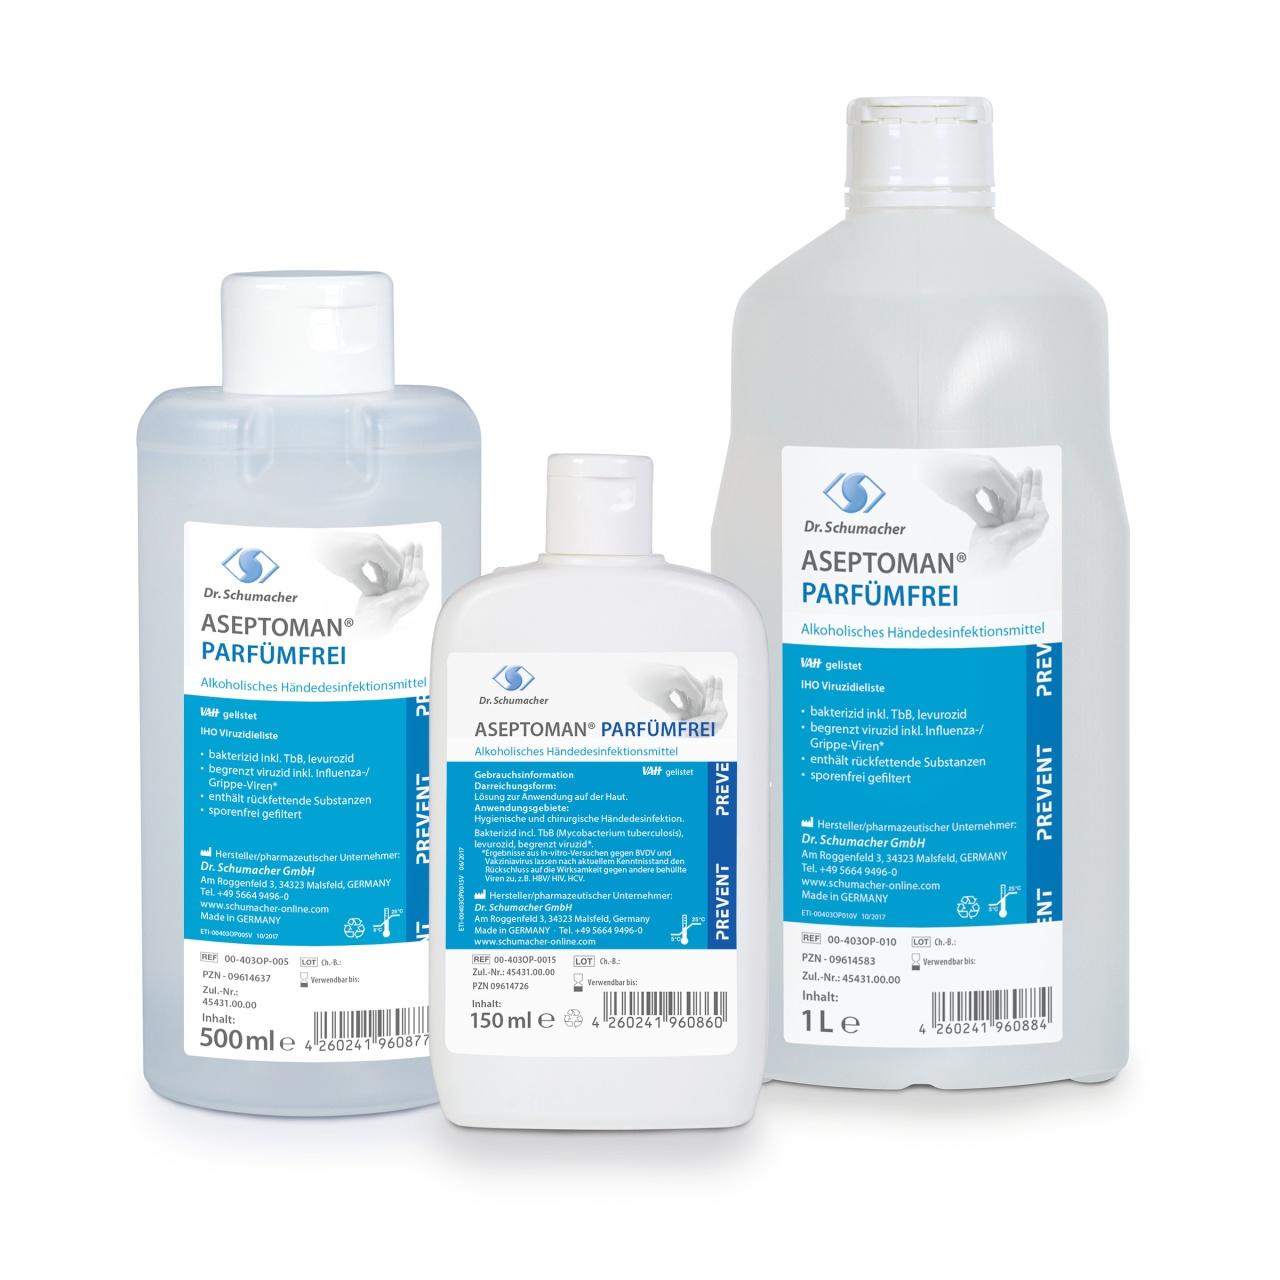 Aseptoman parfümfrei 1 Liter, Spenderflasche